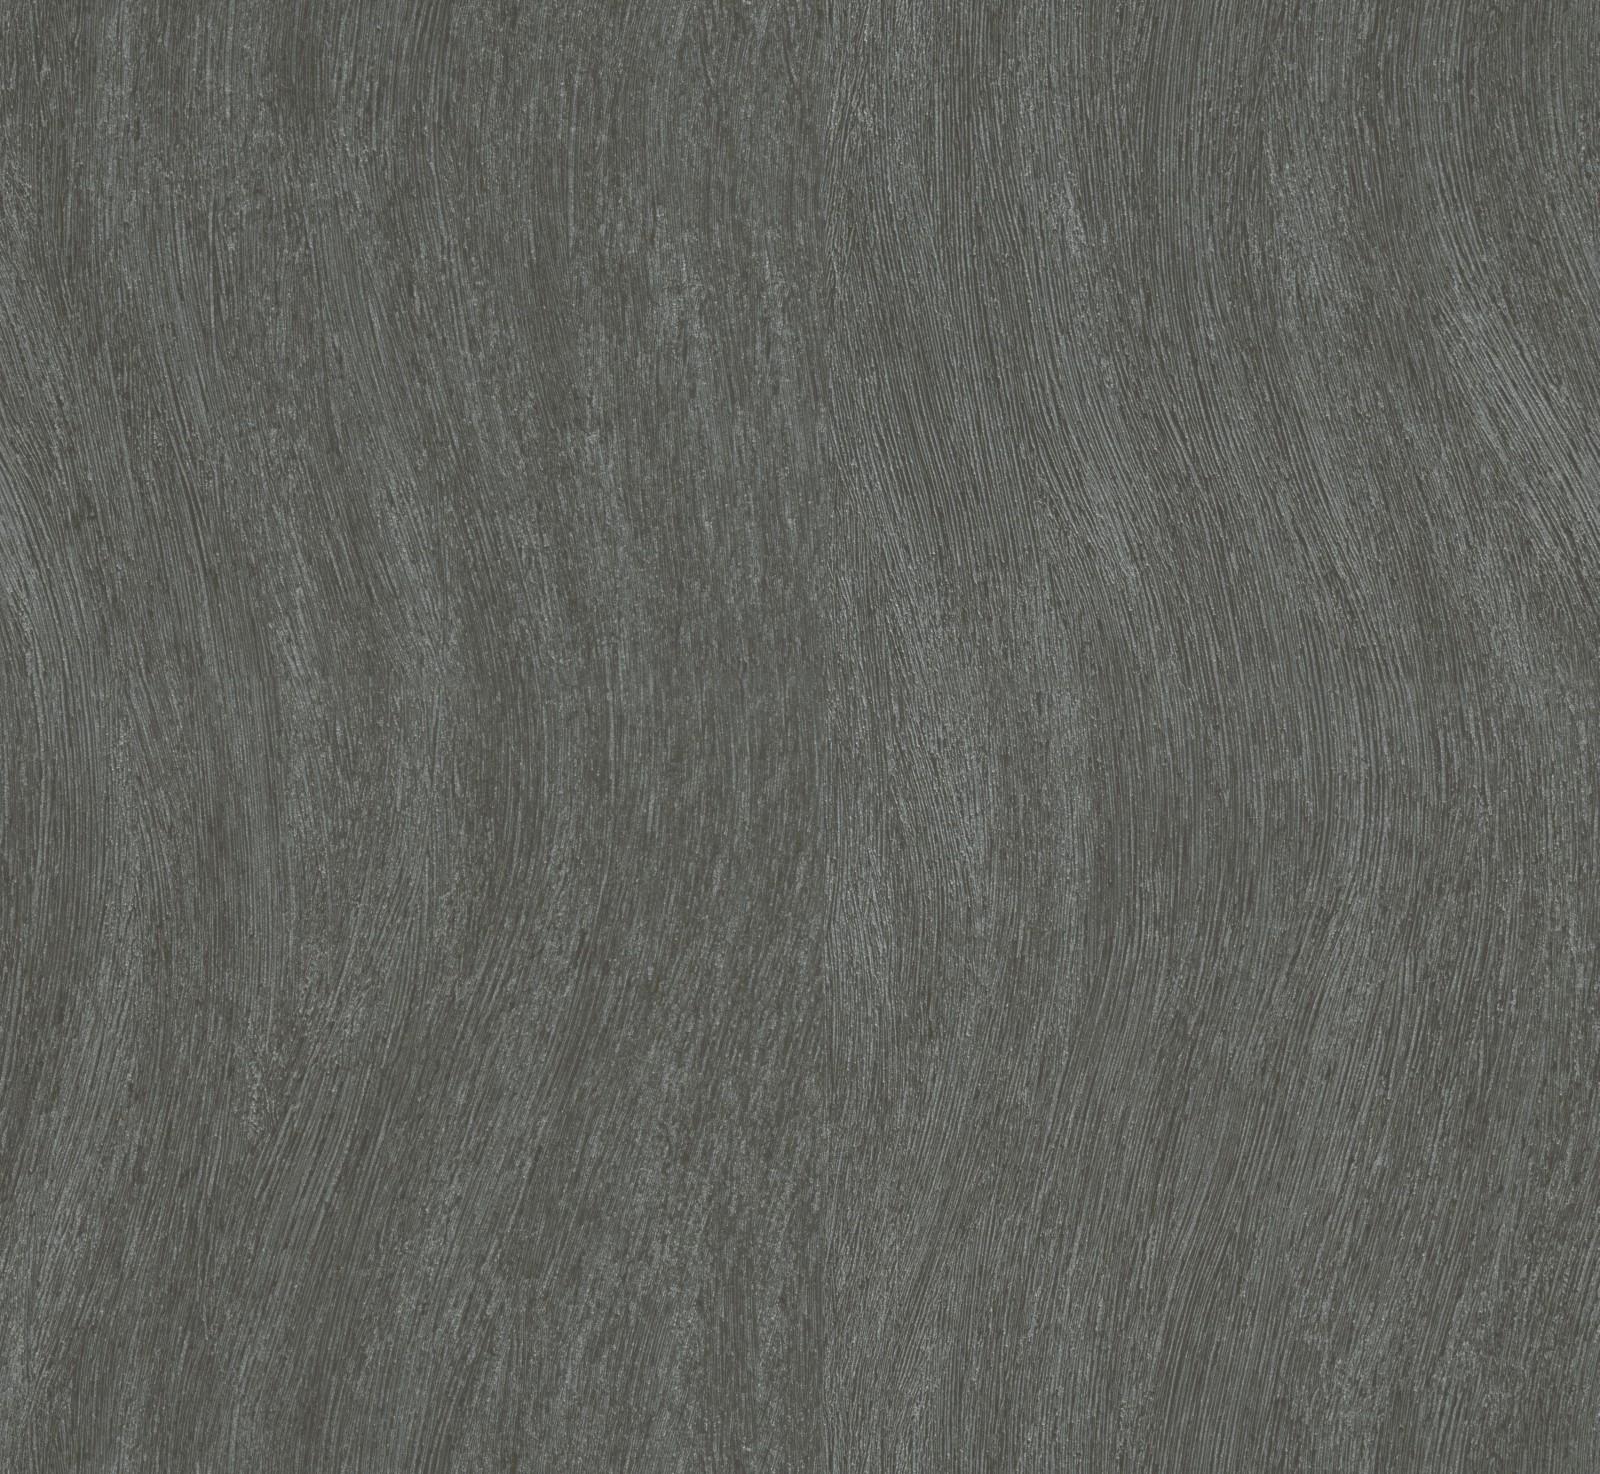 tapete colani evolution marburg uni schwarz 56313. Black Bedroom Furniture Sets. Home Design Ideas